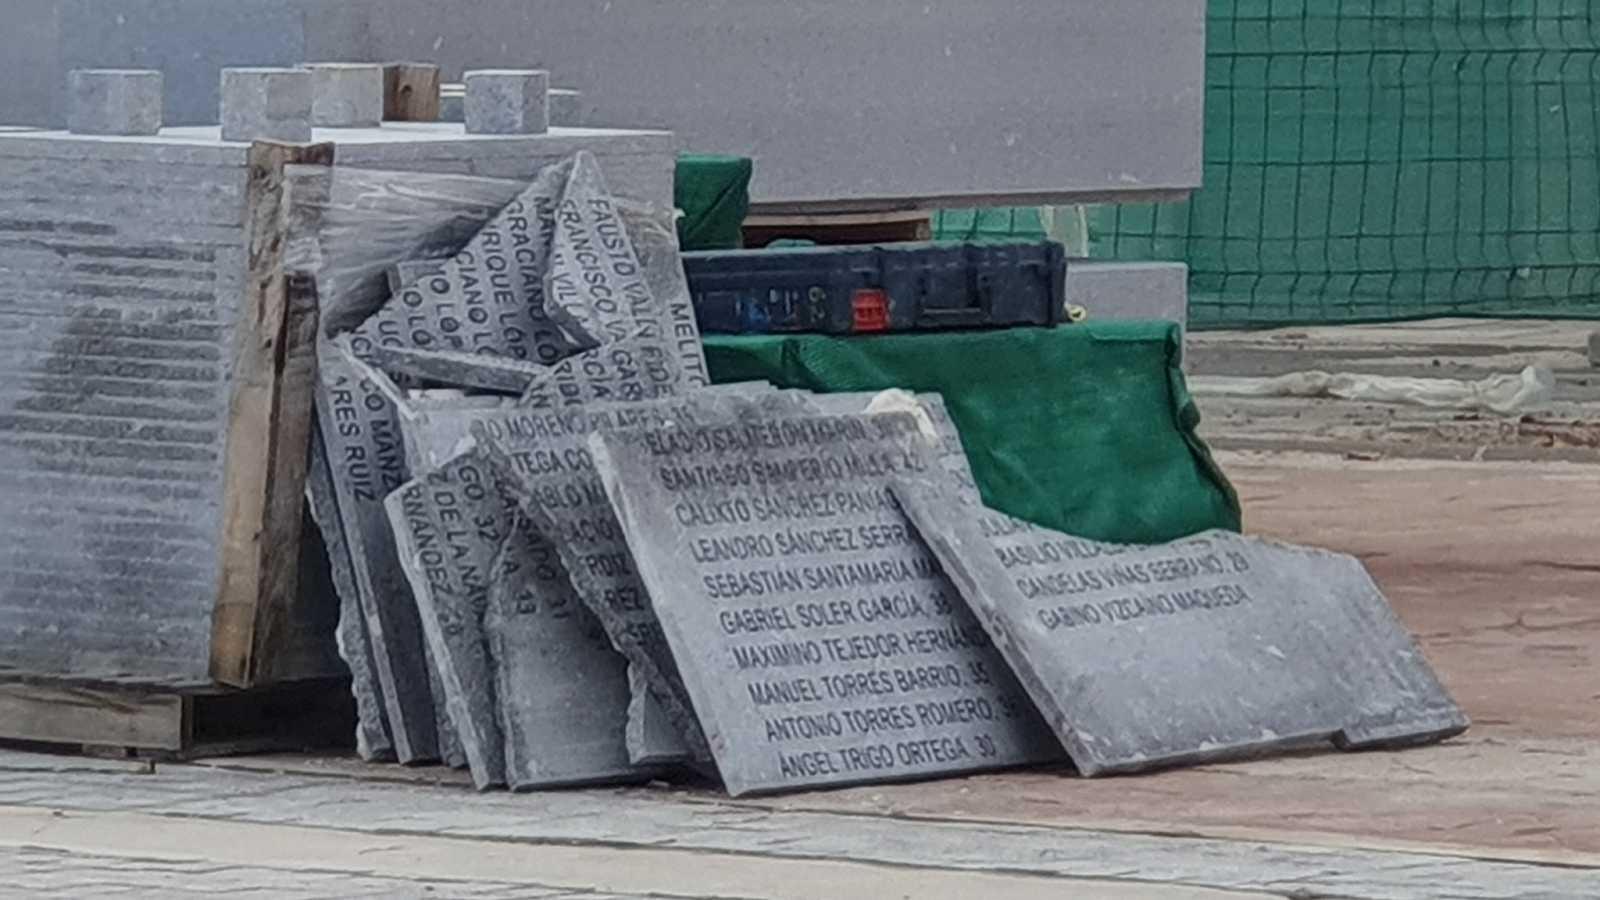 Denuncian al Ayuntamiento de Madrid por retirar placas de fusilados por el franquismo del cementerio de La Almudena